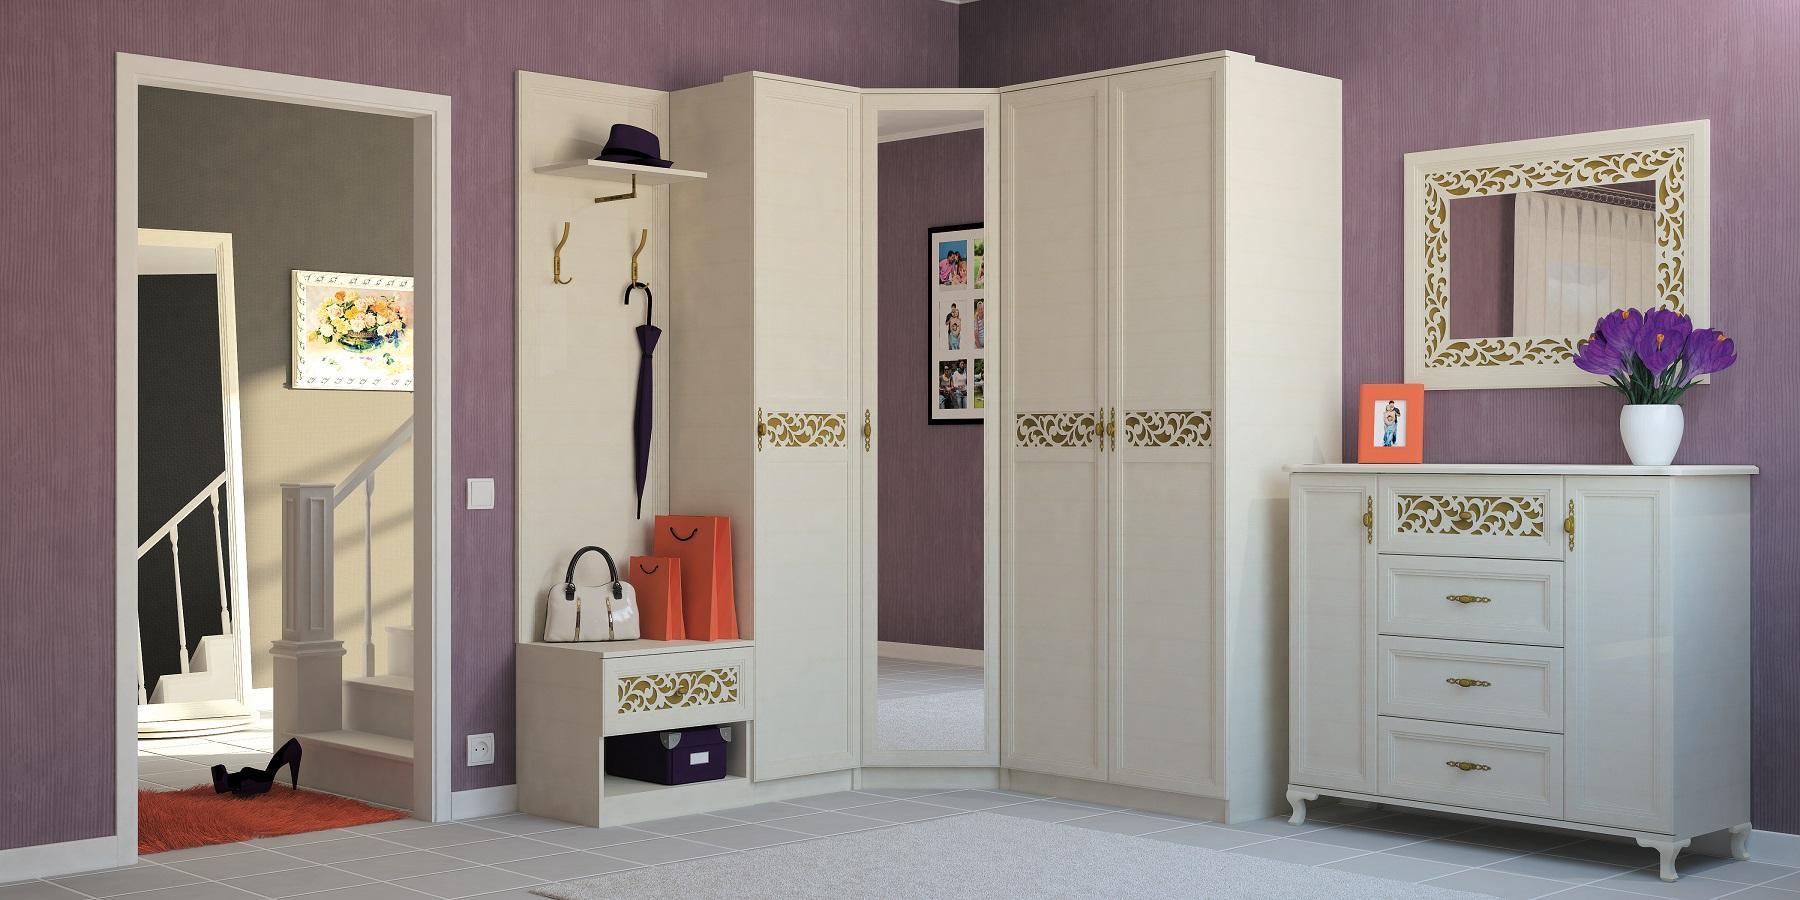 Стильный дизайн помещения